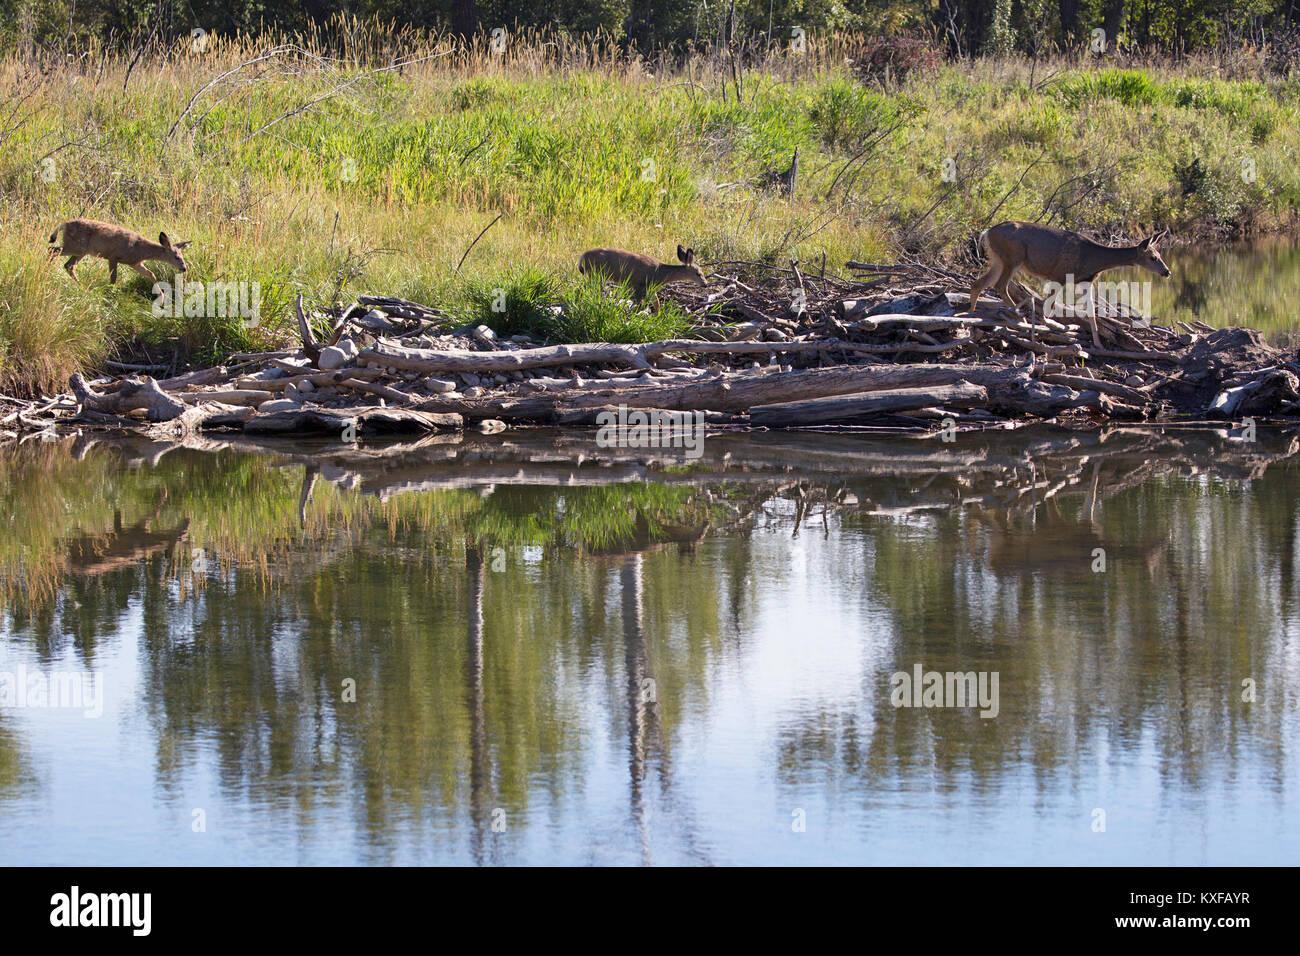 El venado bura doe con cervatillos caminando a través de Beaver Dam (Odocoileus hemionus) Imagen De Stock